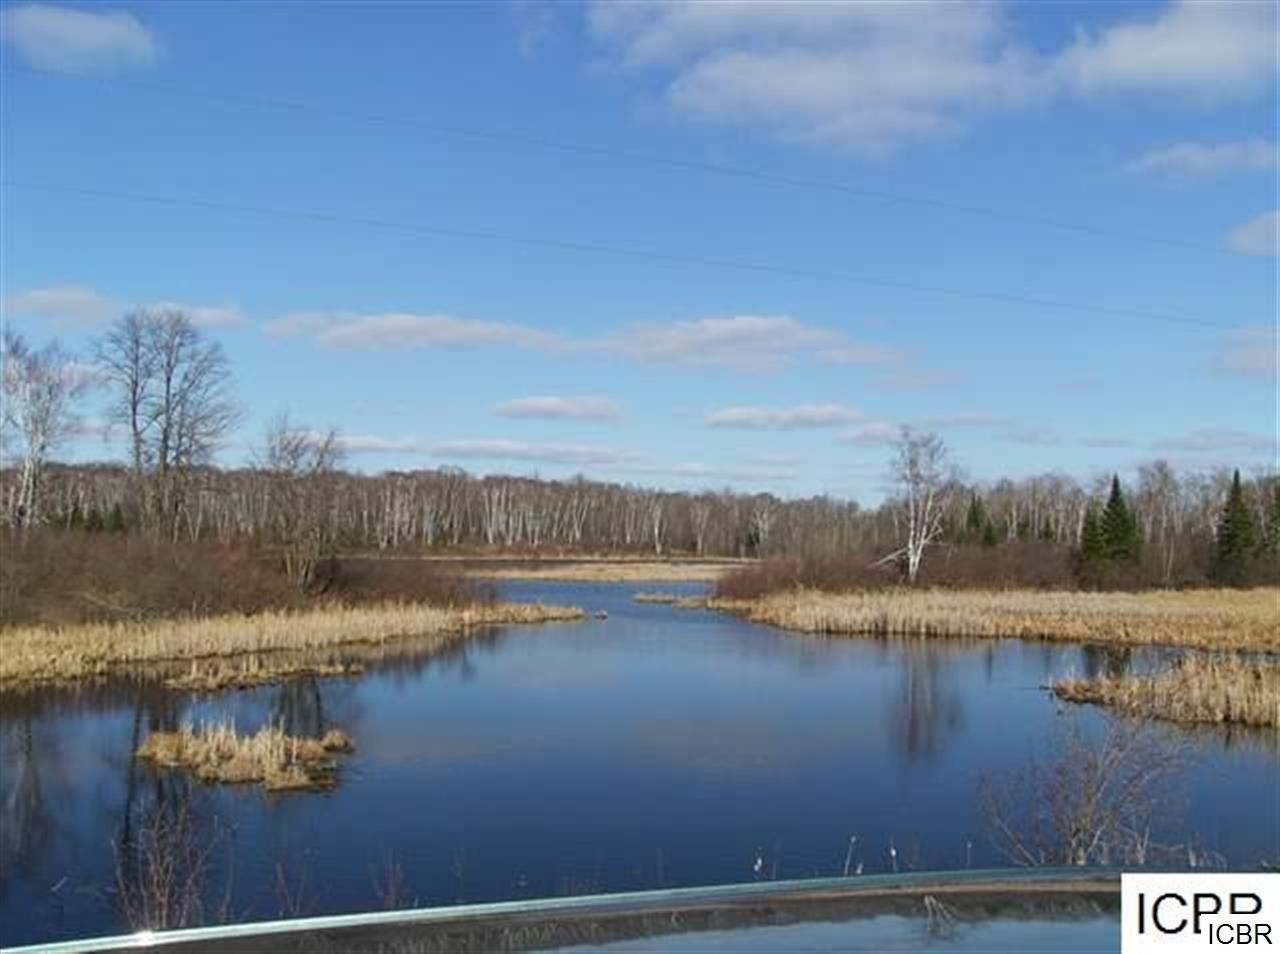 120 acres by Mizpah, Minnesota for sale